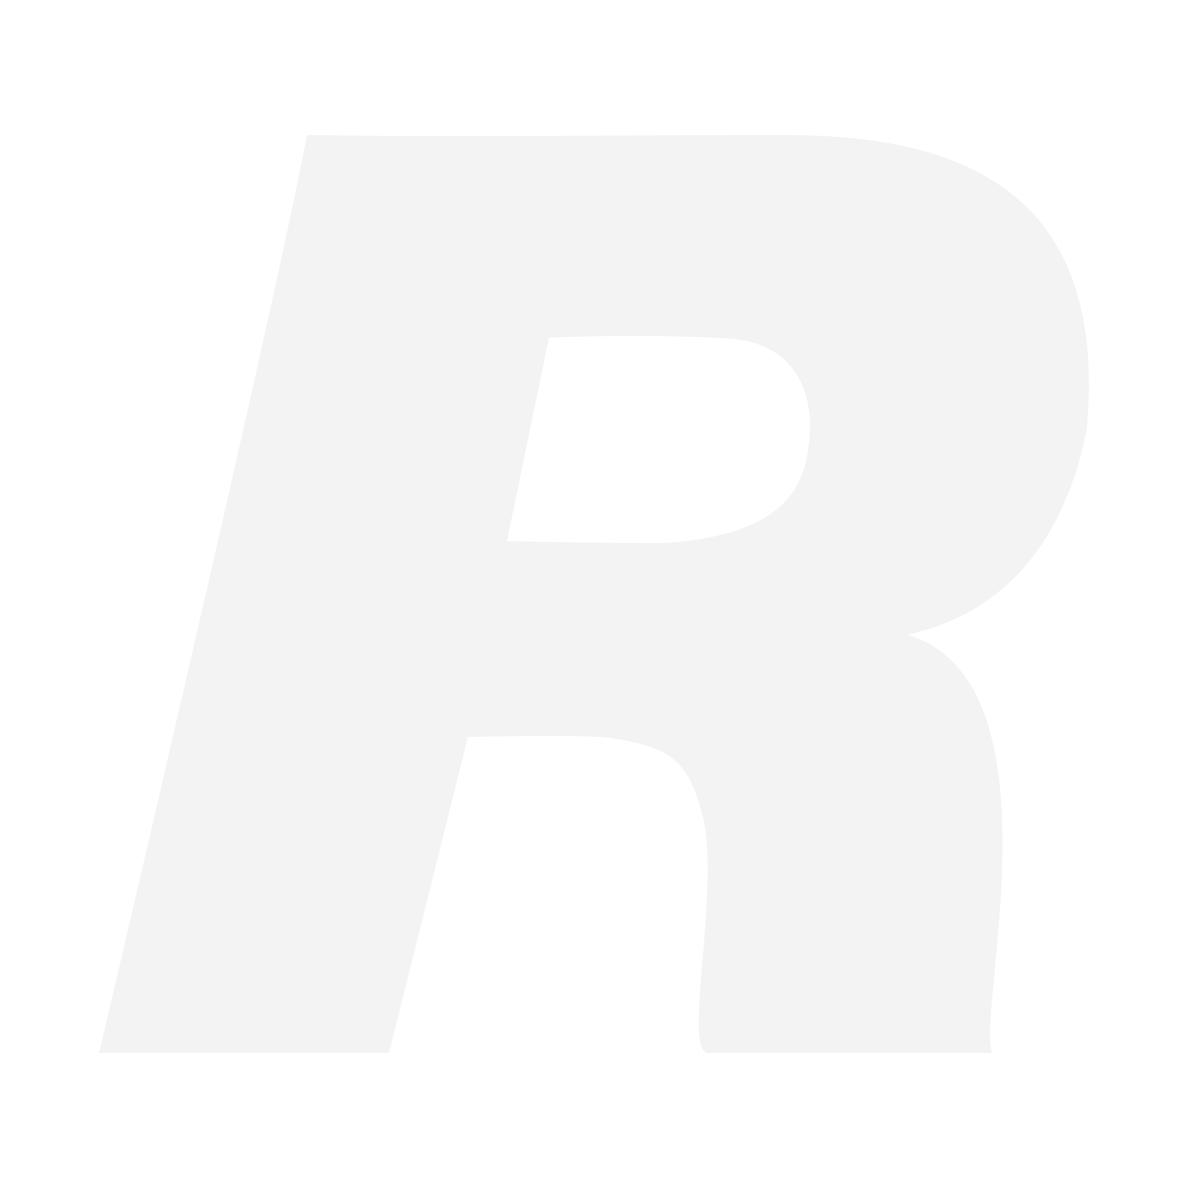 Rycote Ristletto -Tuulisuoja lavalier-mikrofonille, musta